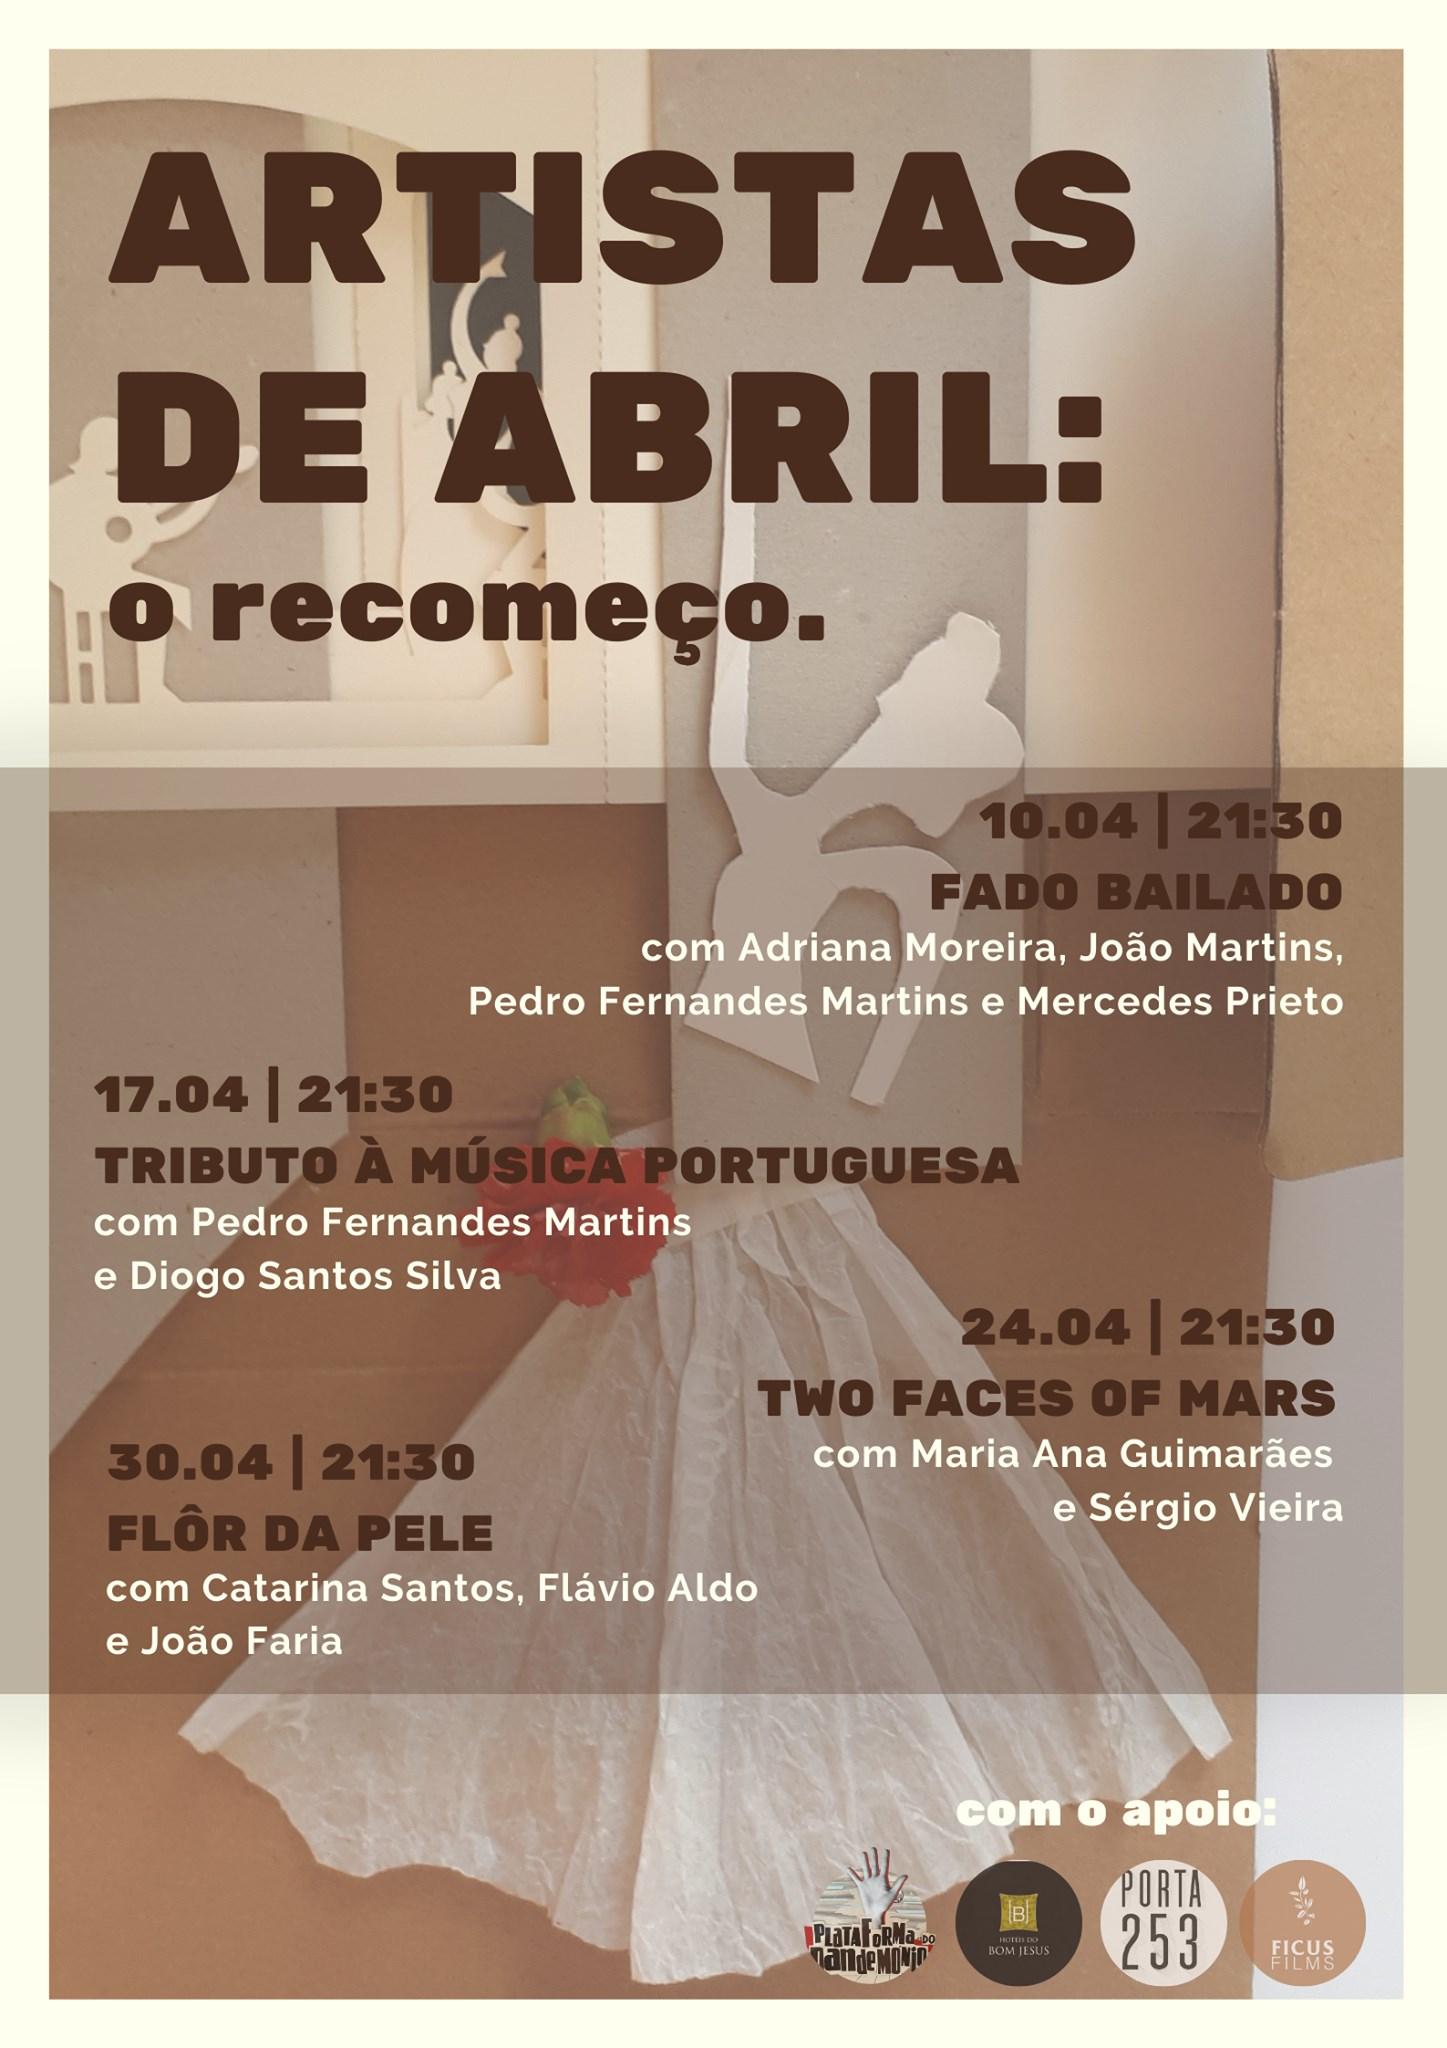 Artistas de Abril: o recomeço | 'FADO BAILADO'